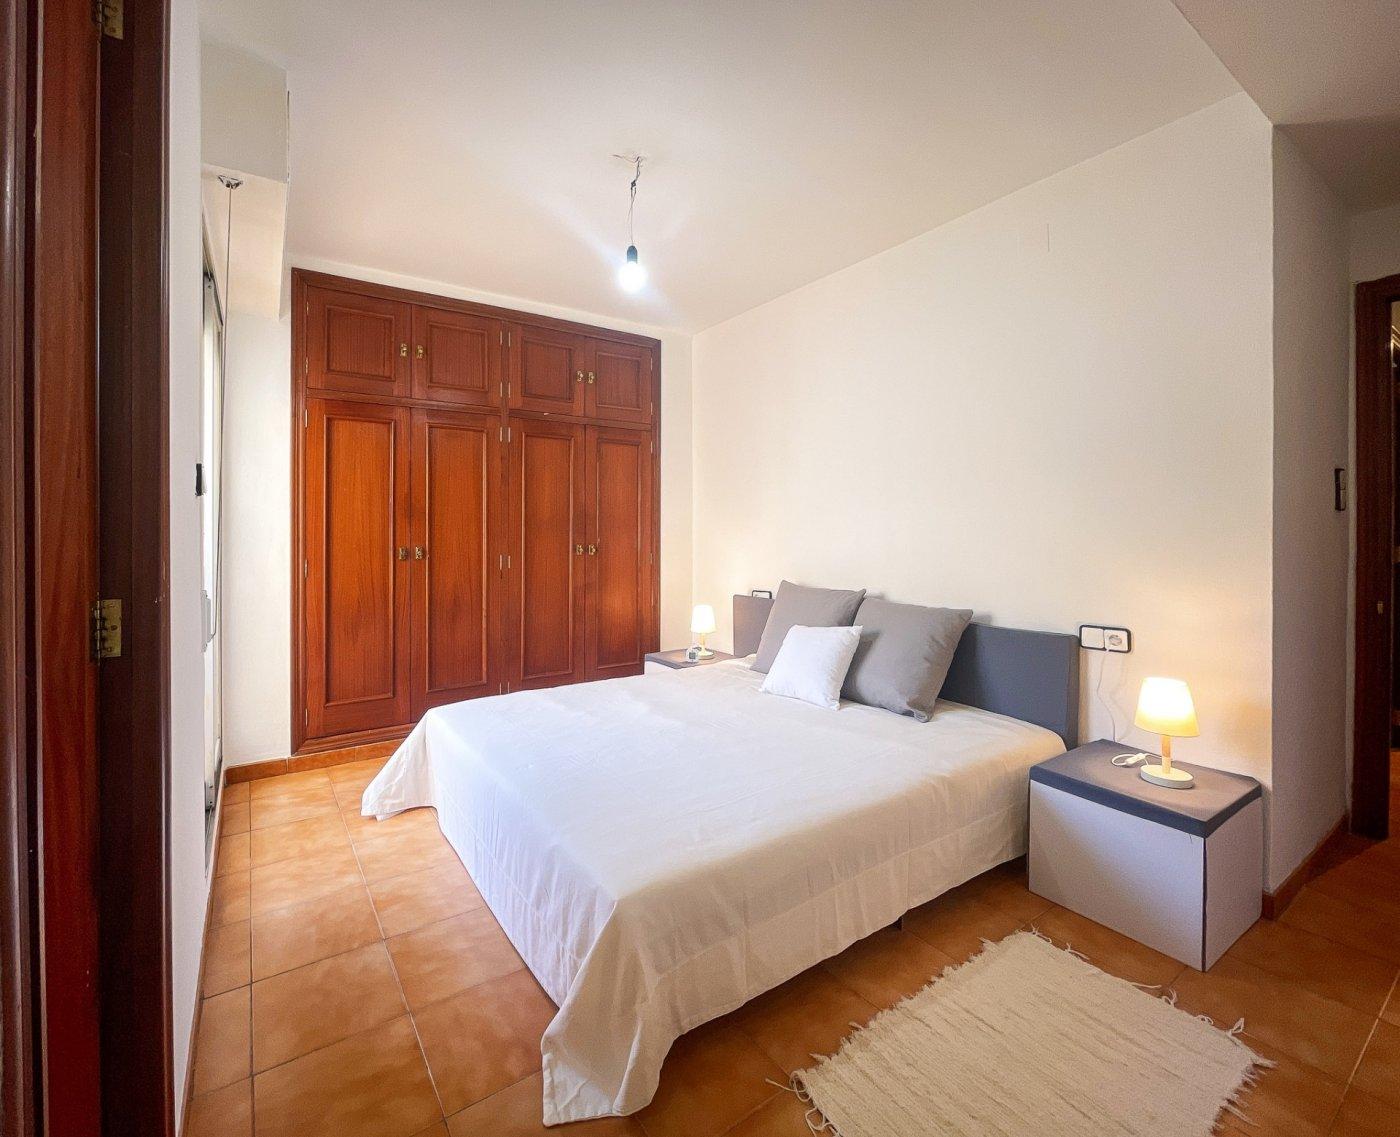 Estupendo piso muy soleado en plena avenida de la hispanidad de alcoy!! - imagenInmueble0